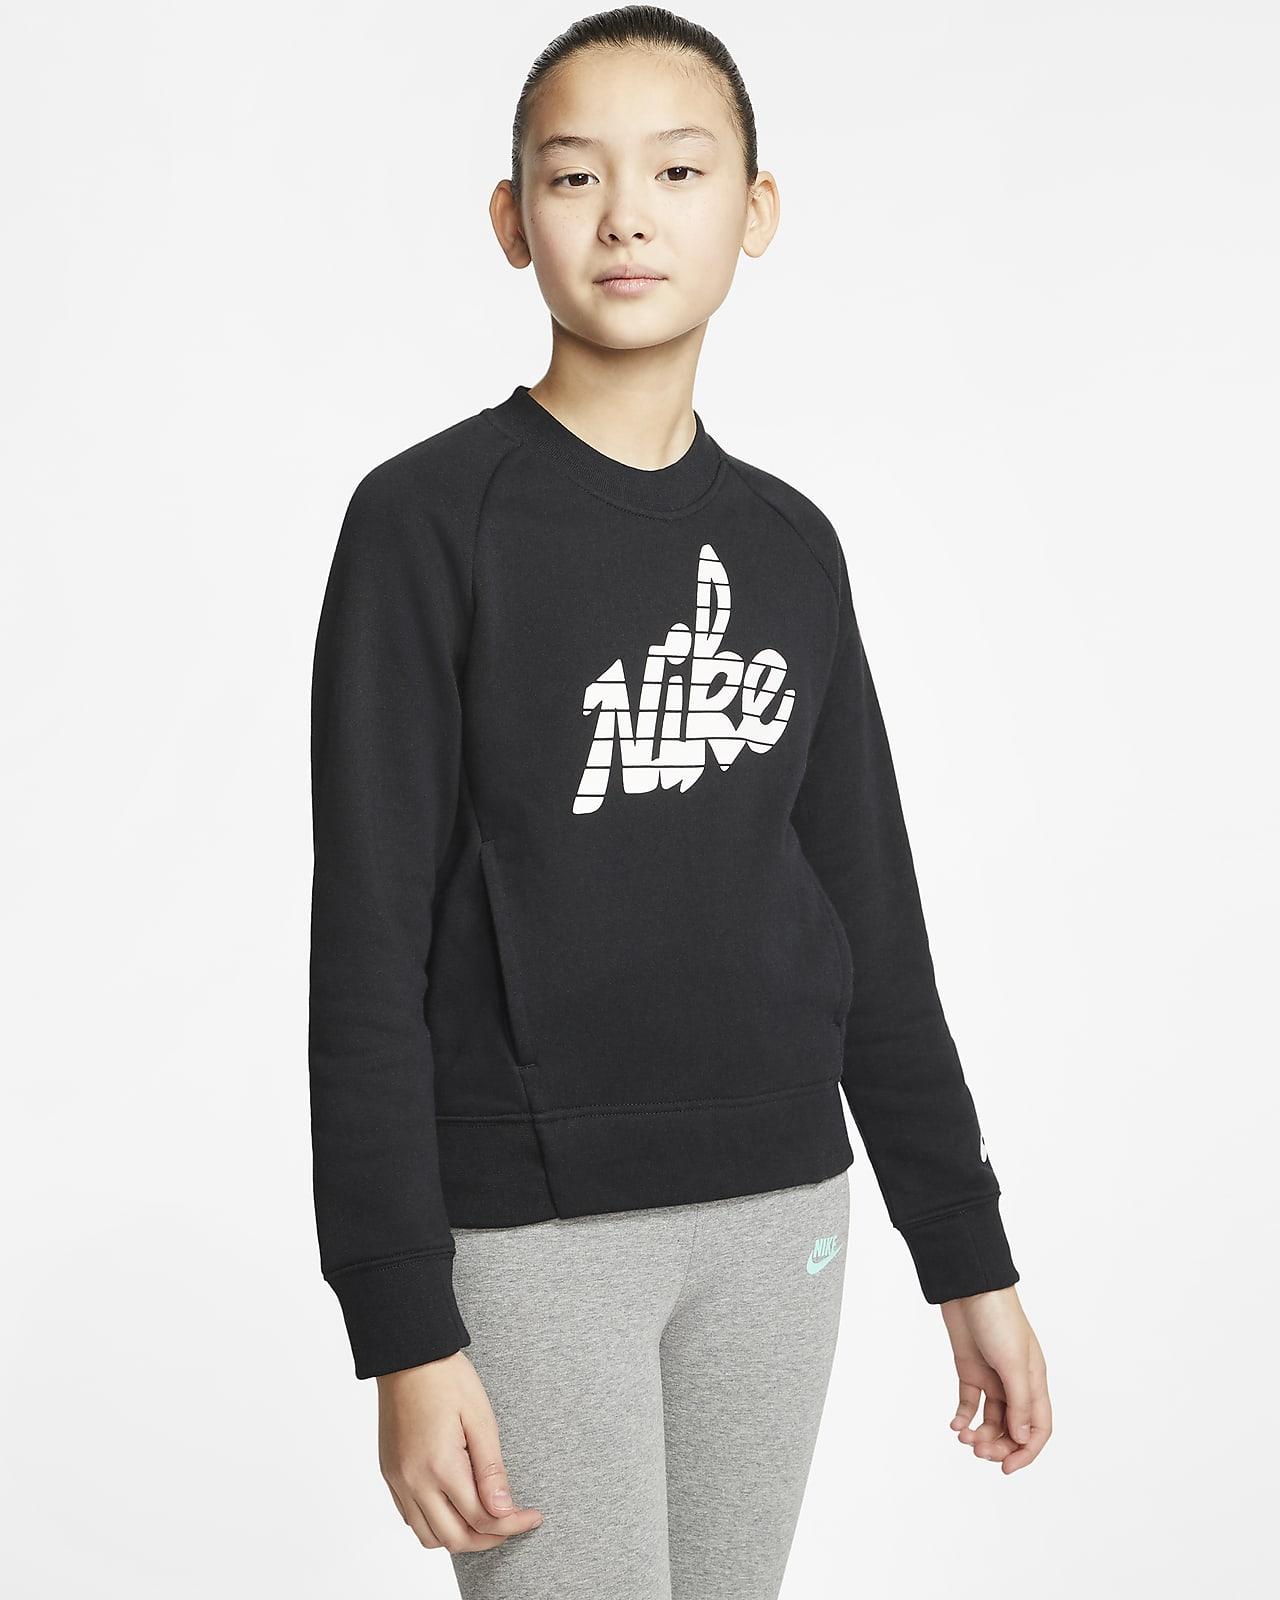 Nike Sportswear-crewtrøje med grafik til store børn (piger)